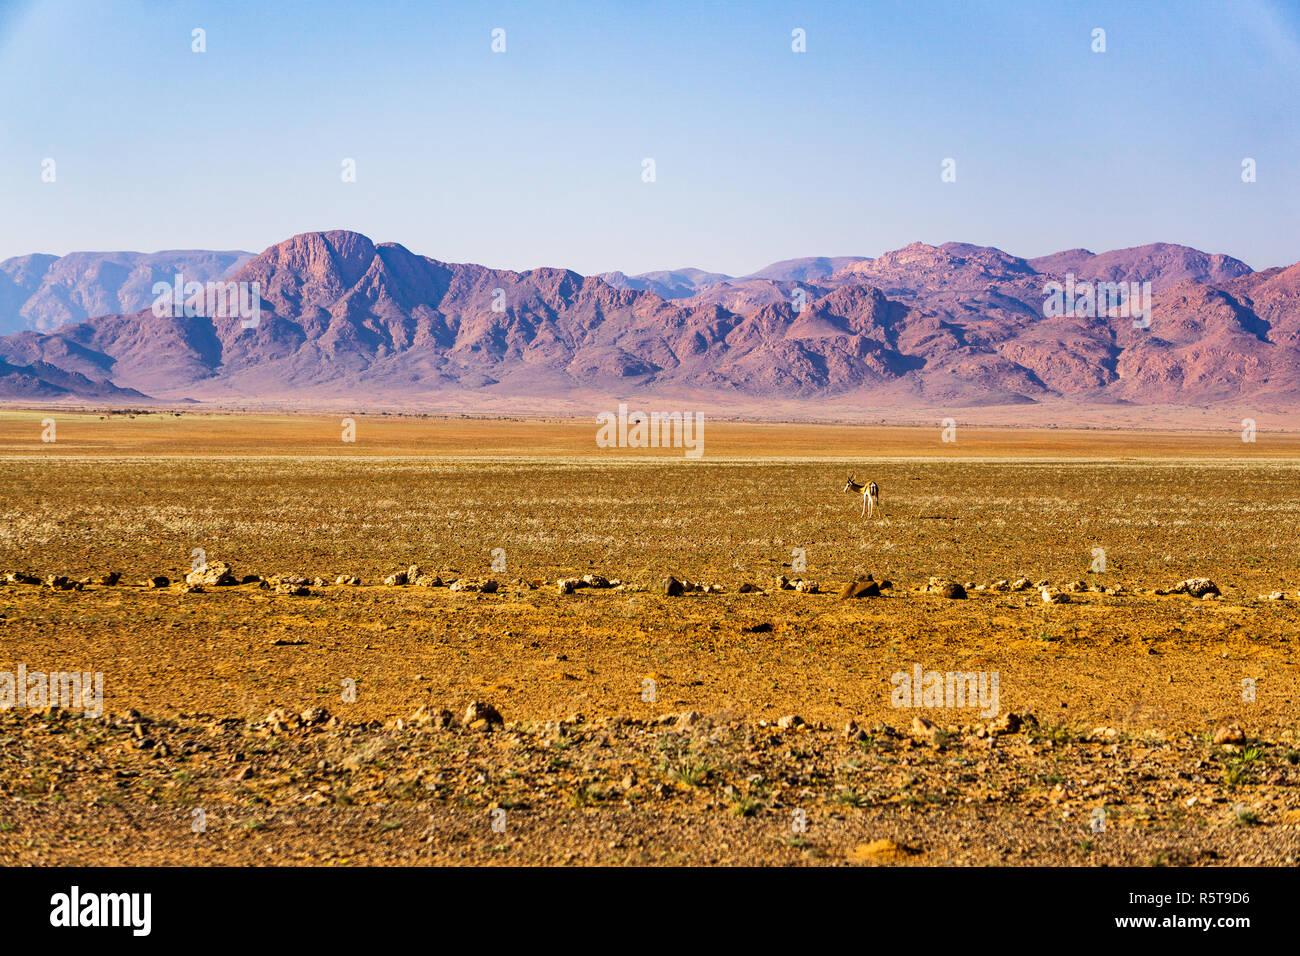 landscape namibia desert d707 desert - Stock Image